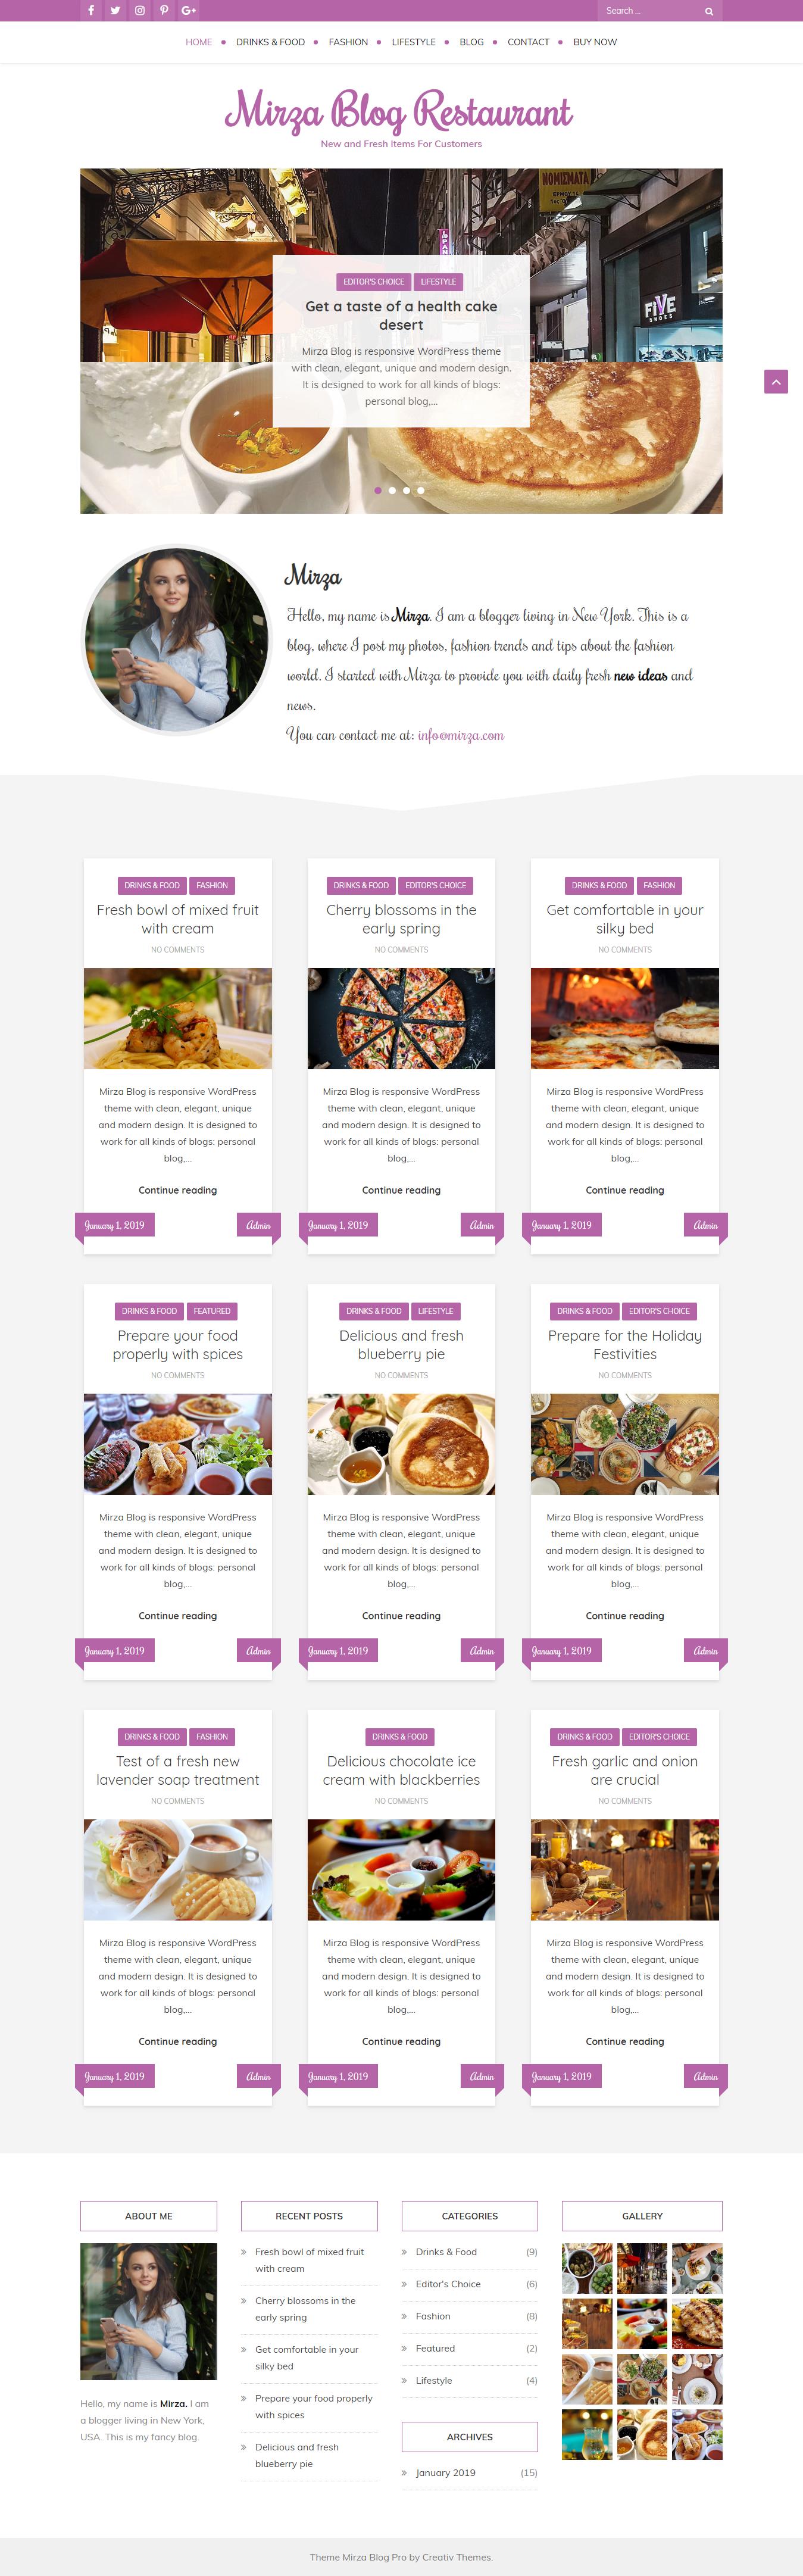 Blog de Mirza - El mejor tema de WordPress de estilo de vida gratuito